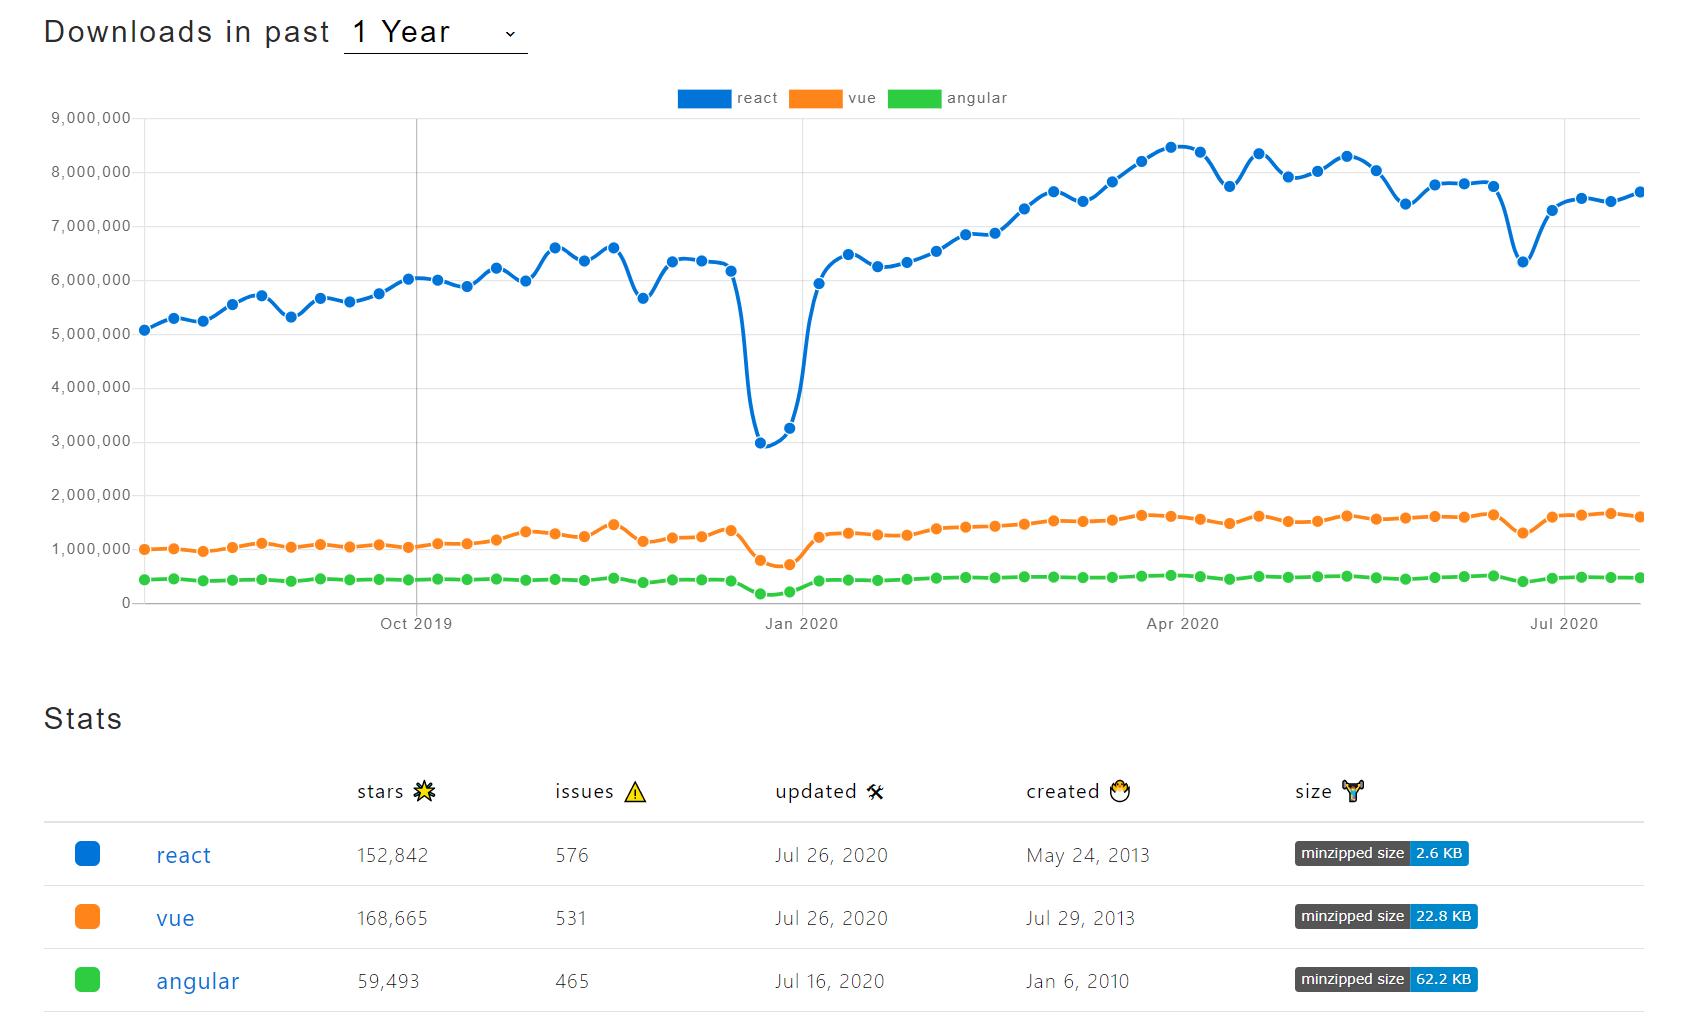 Angular vs React vs Vue Download Trends in NPM 2020